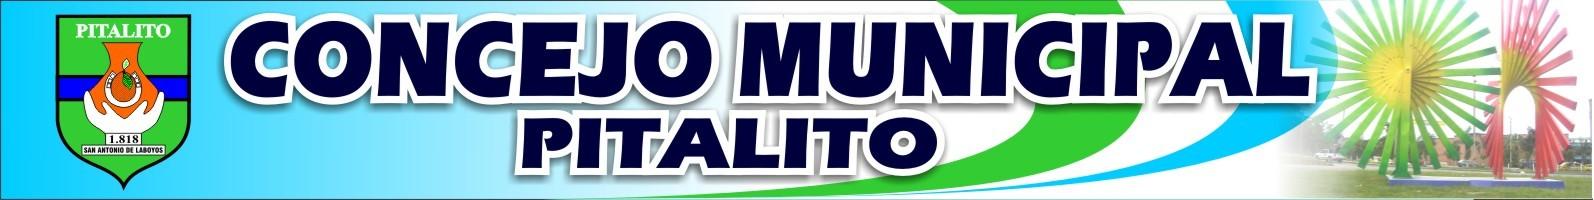 Concejo-Municipal-Pitalito